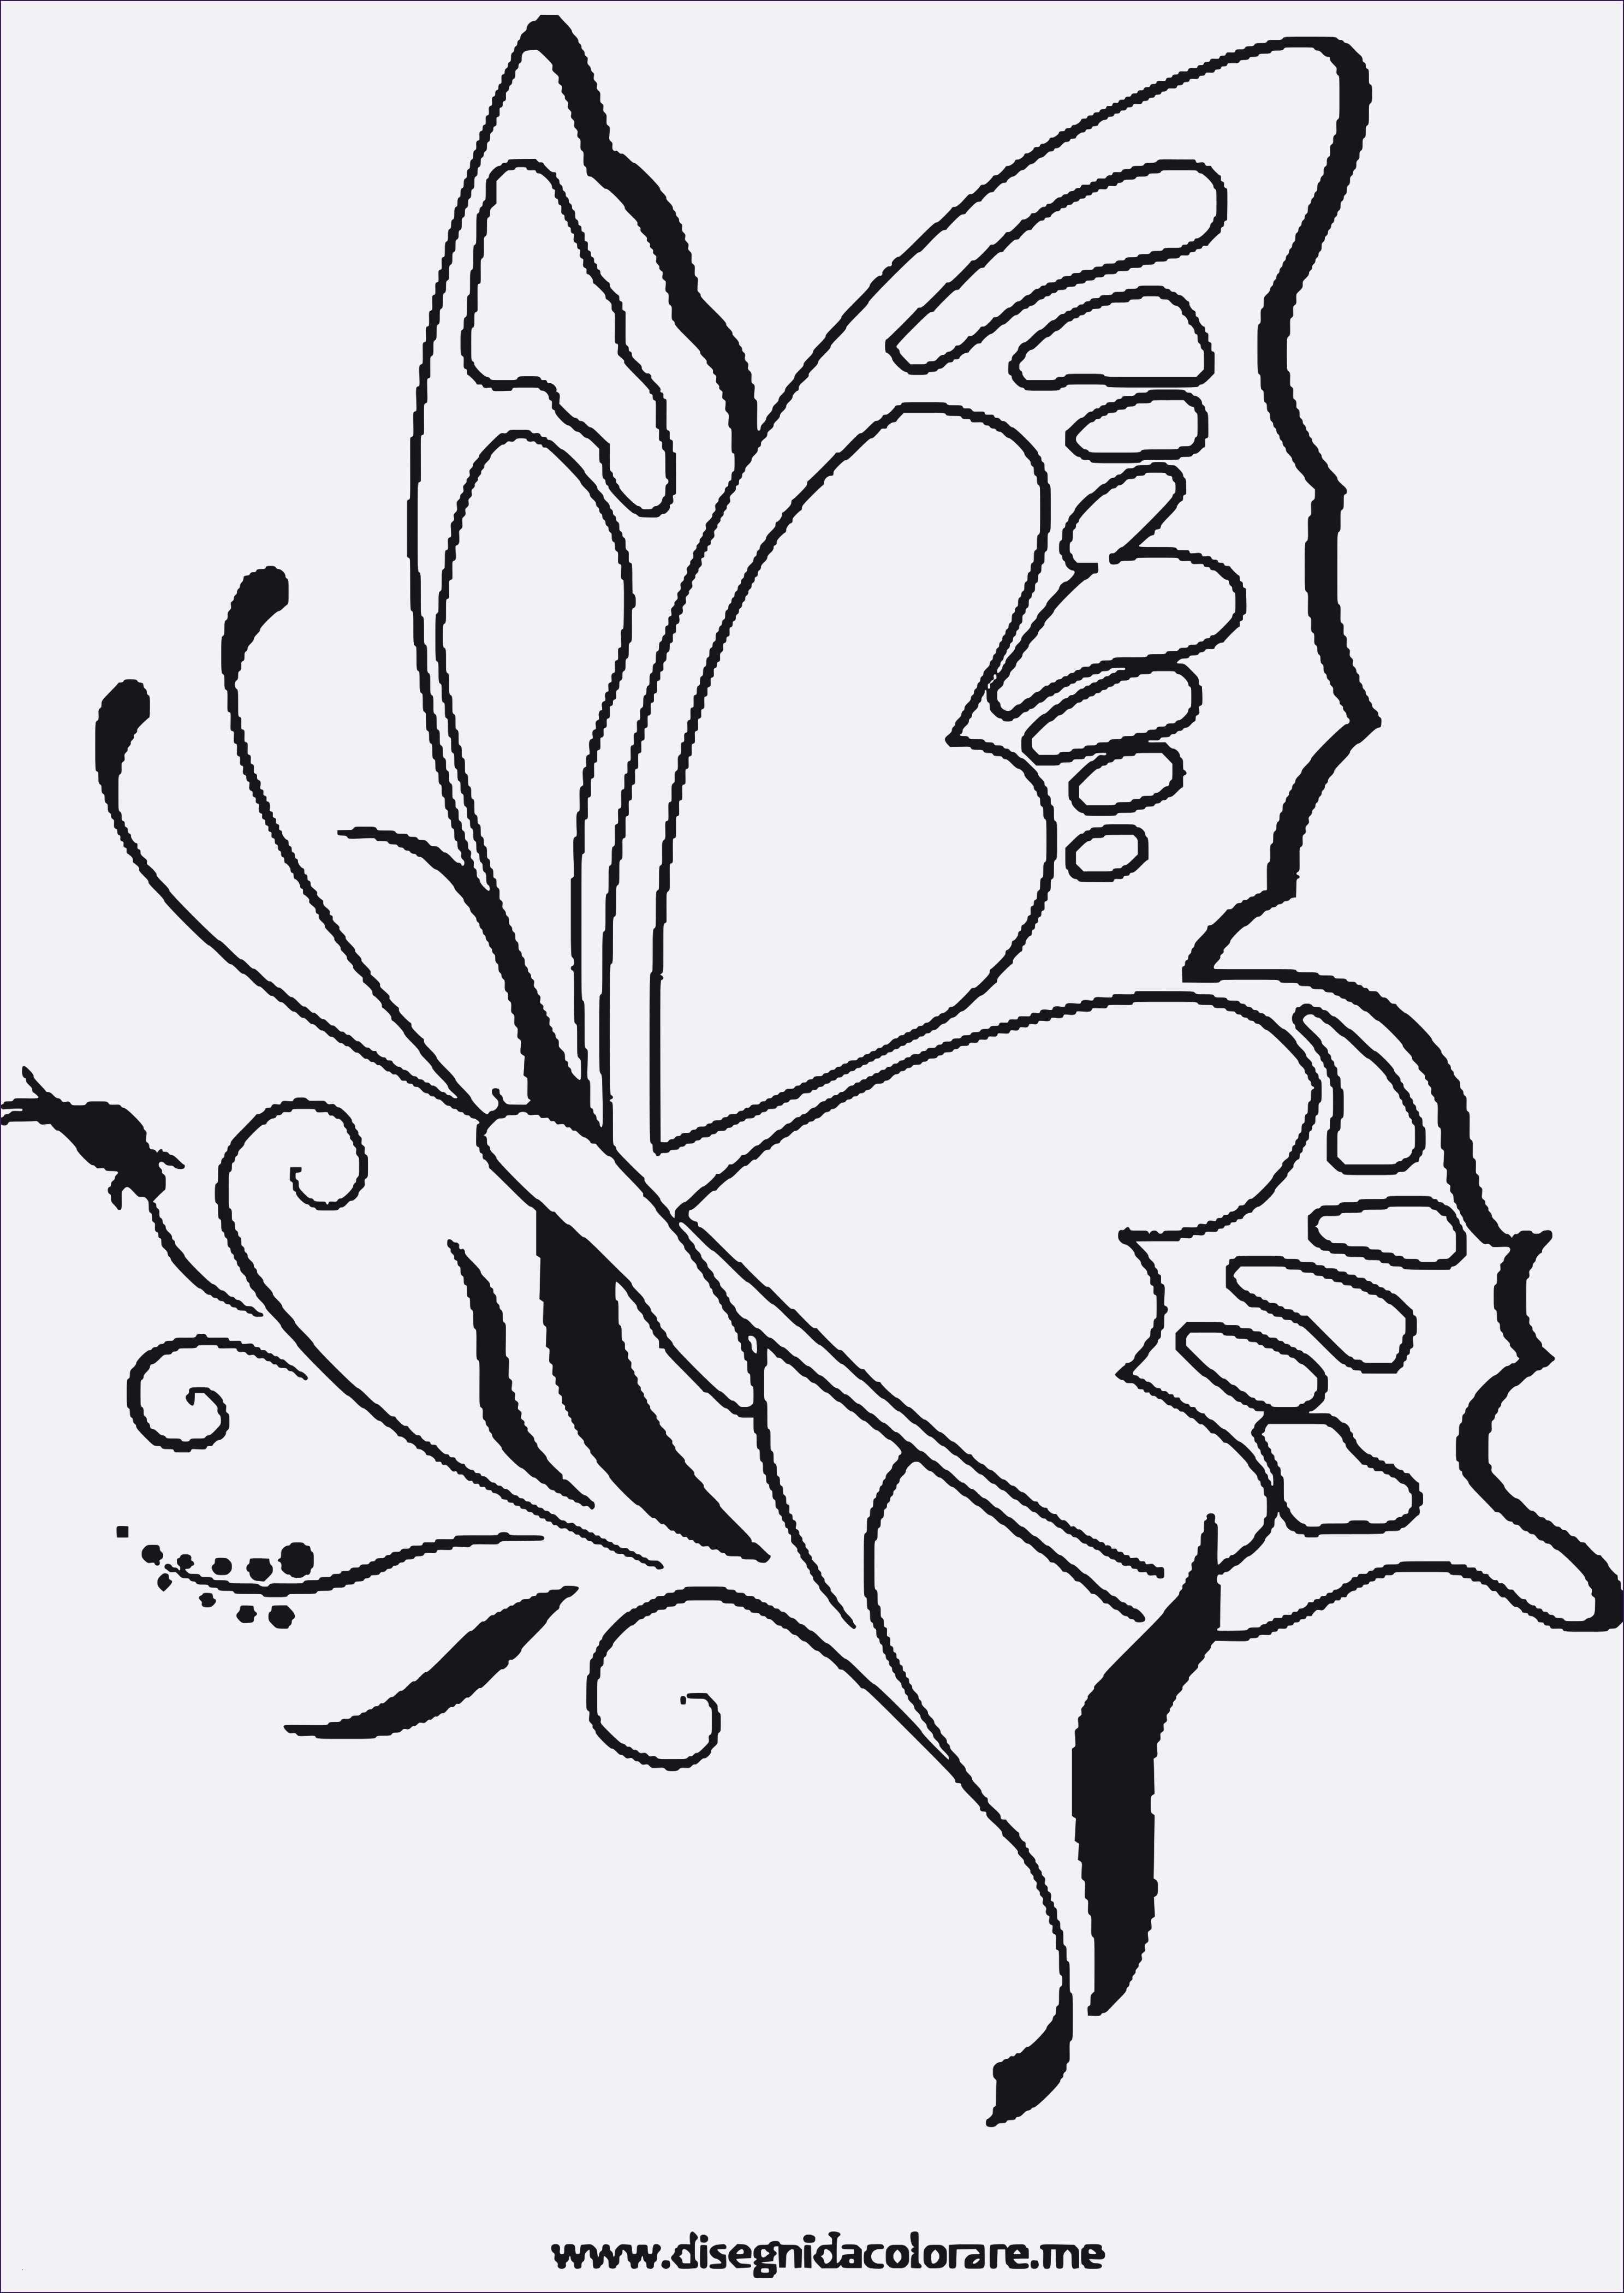 Anspruchsvolle Mandalas Zum Ausdrucken Frisch Einhorn Mandalas Zum Ausdrucken Foto Malvorlagen Schmetterlinge Das Bild